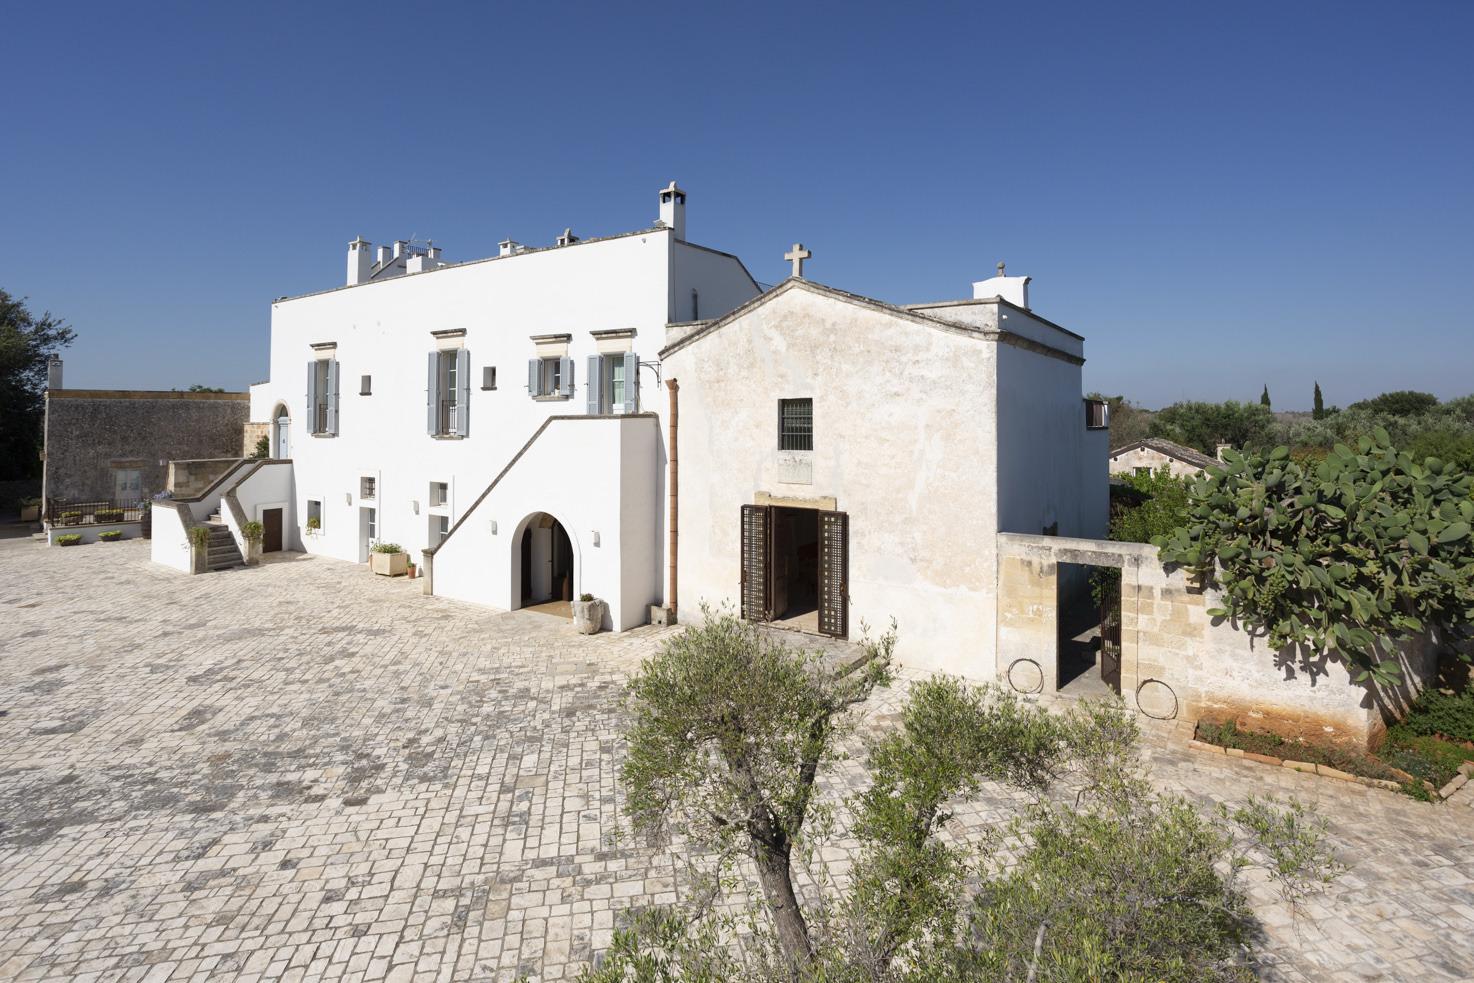 Masseria Borgo Mortella for weddings in Puglia